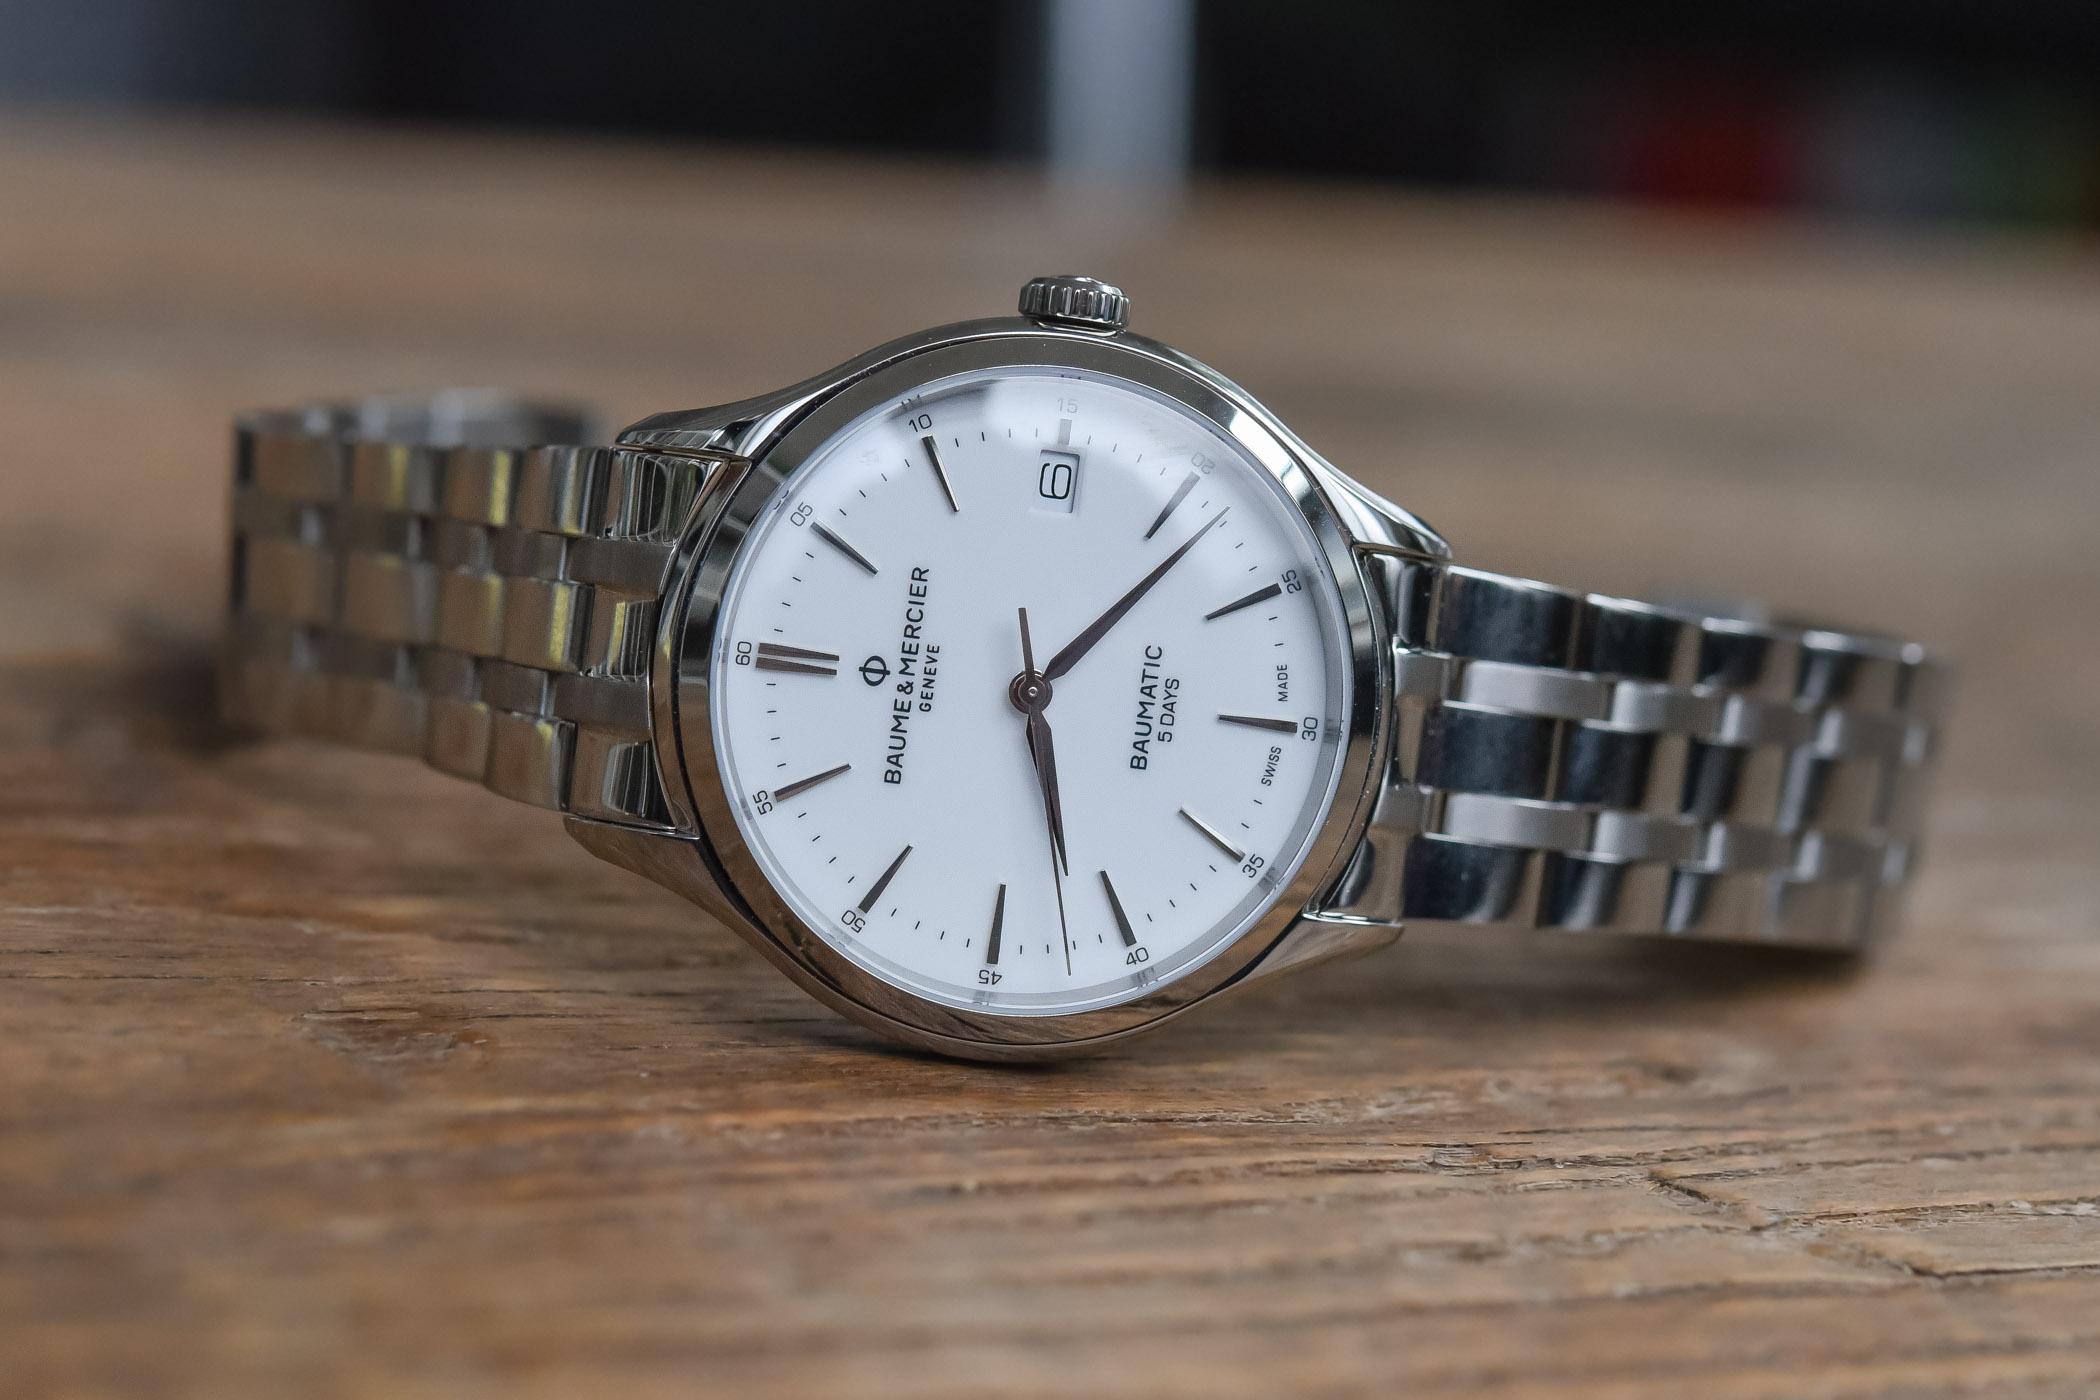 Baume Mercier Clifton Baumatic non-cosc steel bracelet 10400